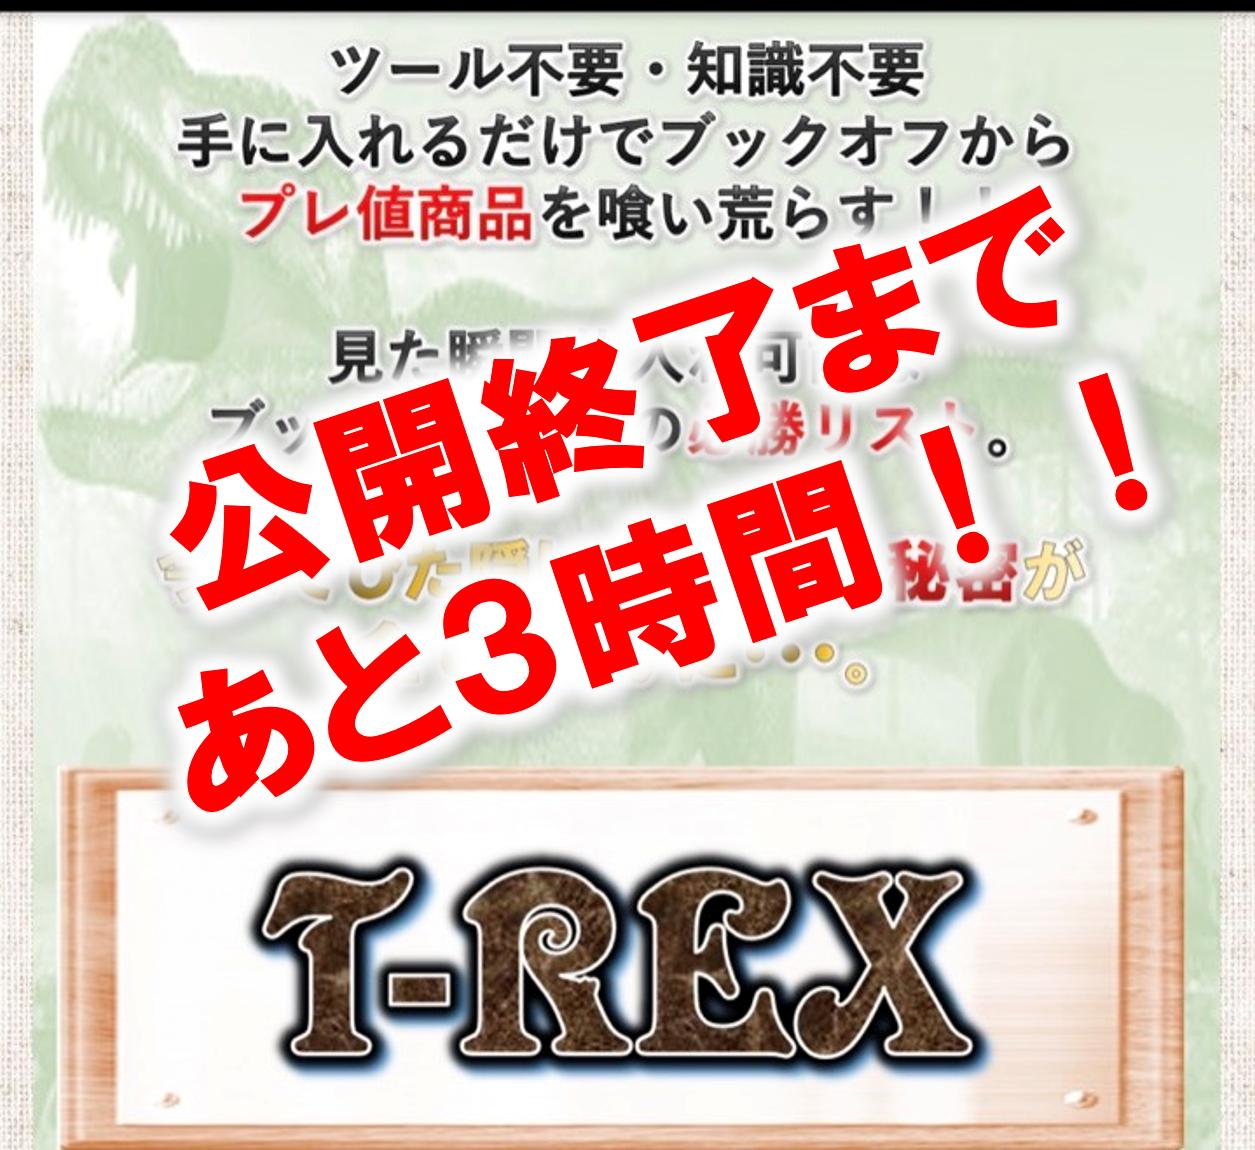 【残り3時間】完全公開終了!!